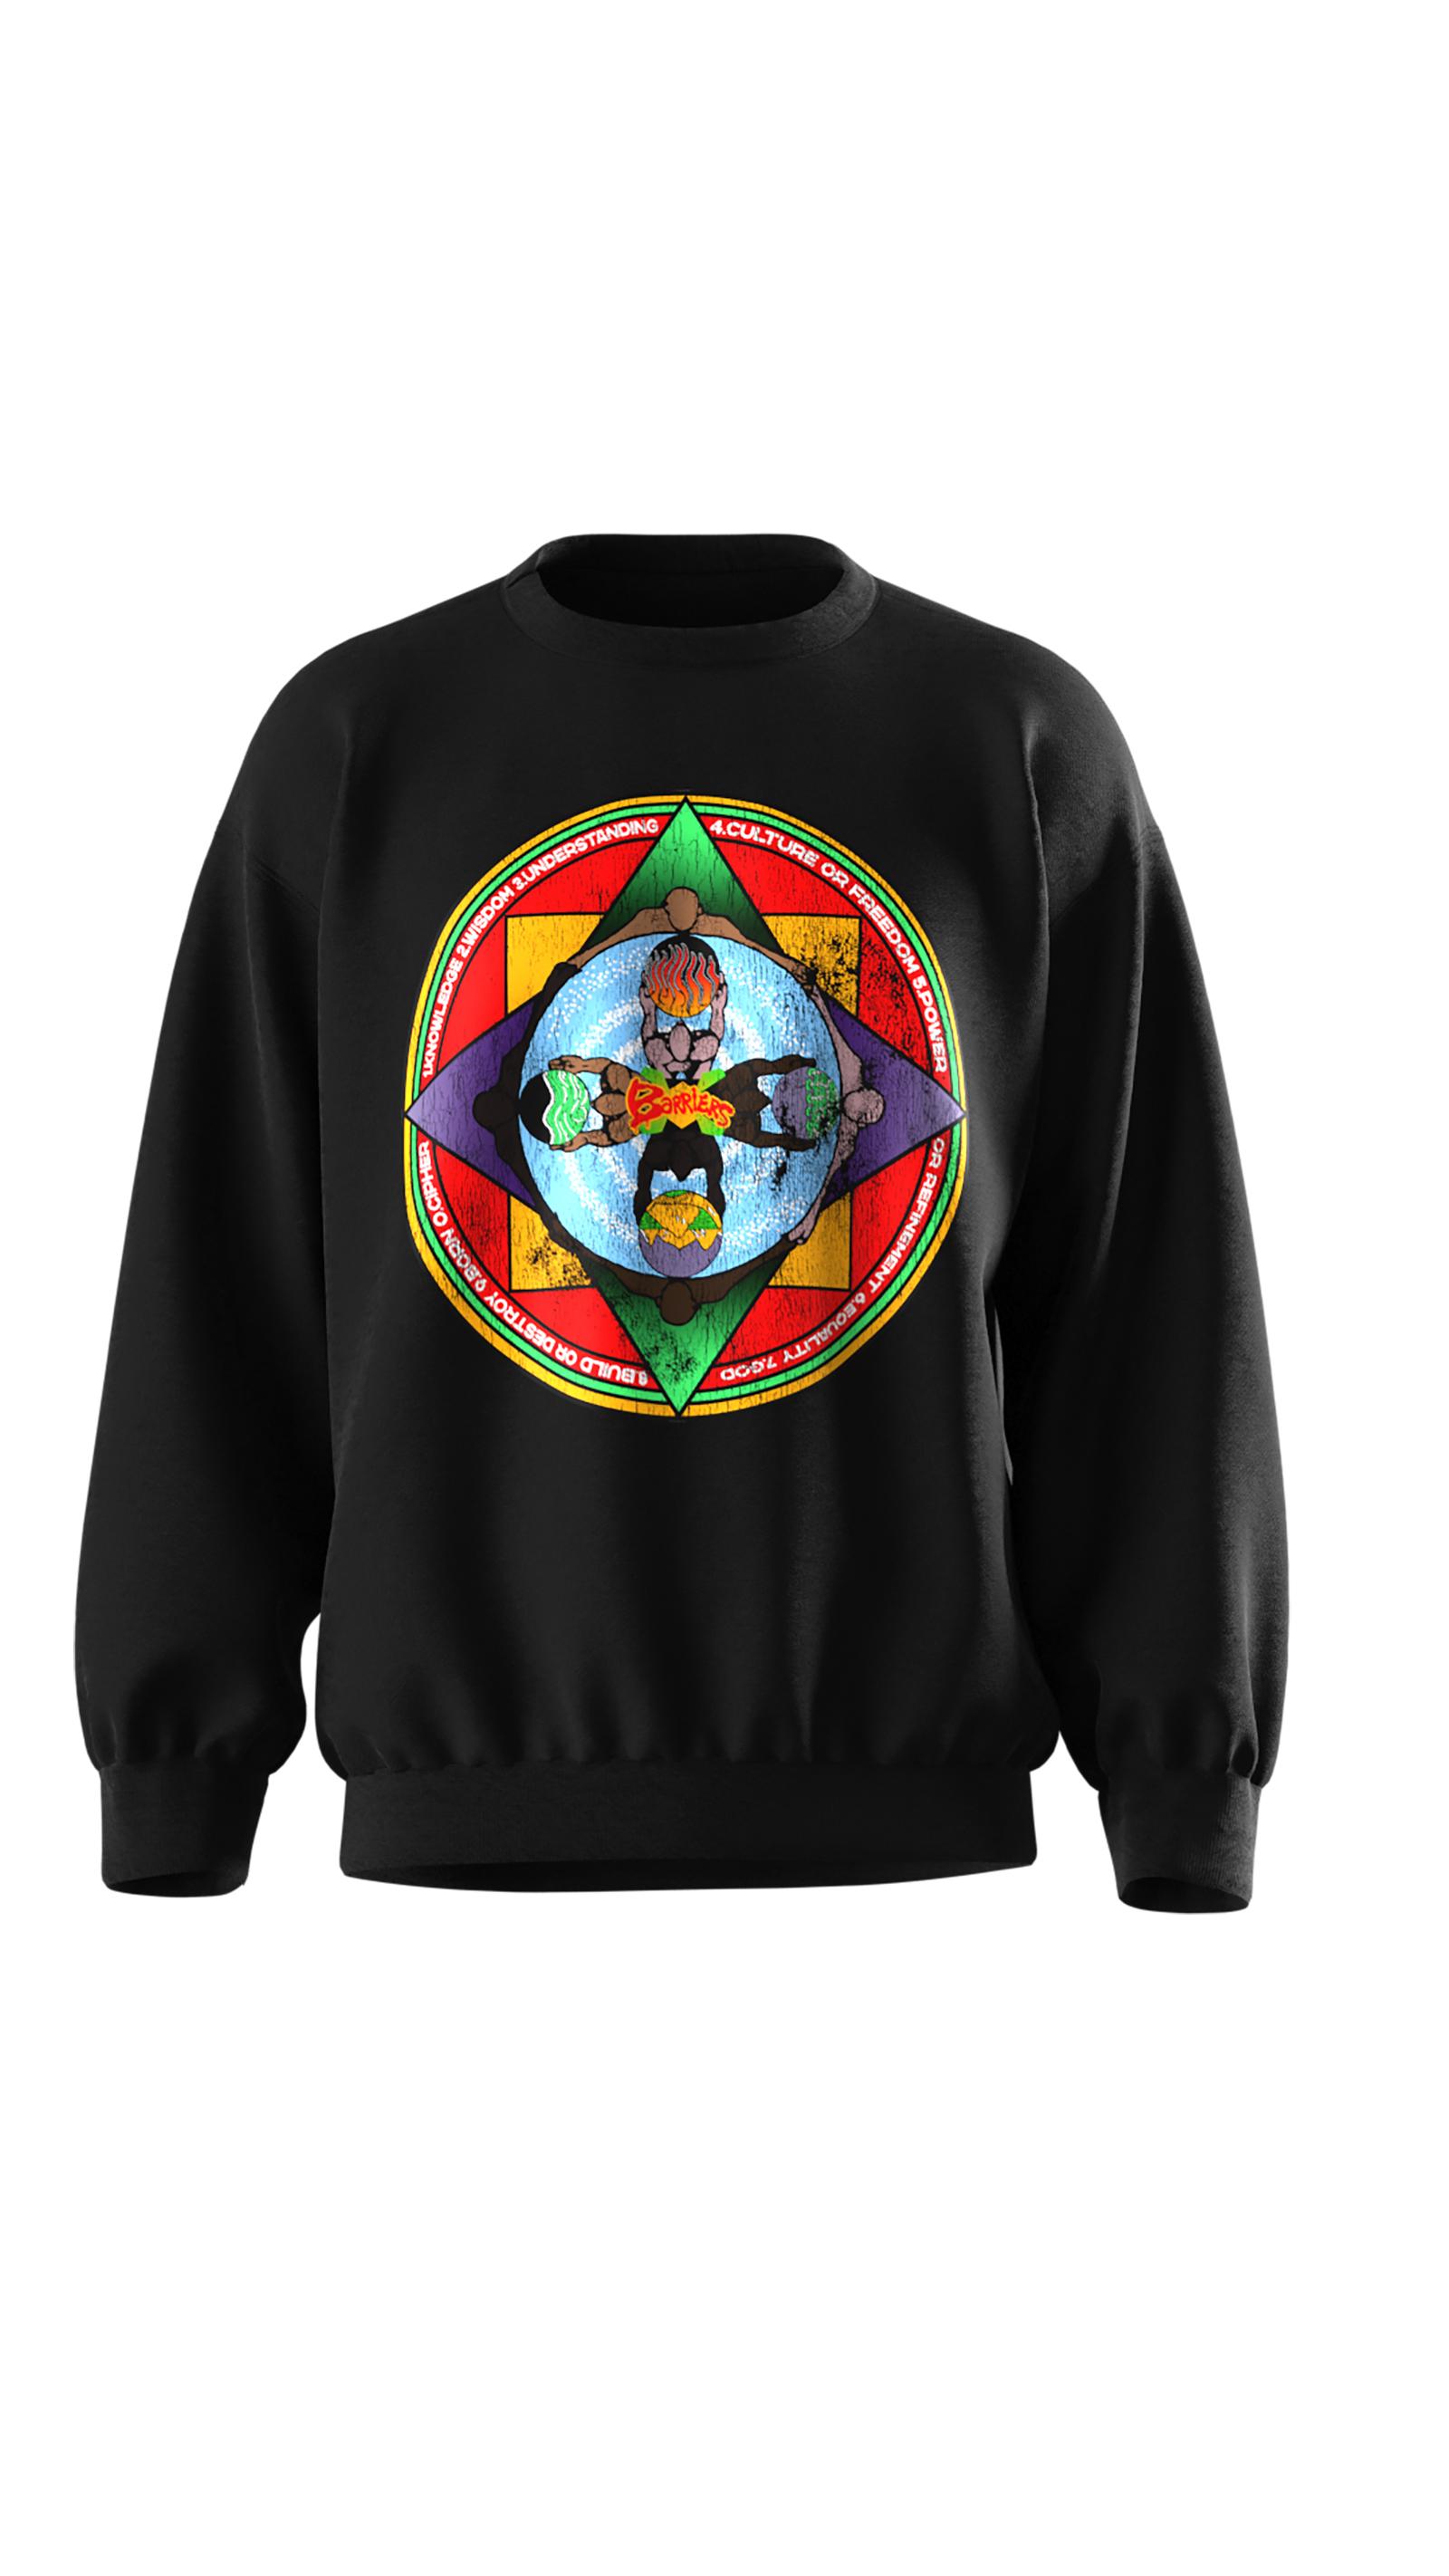 A sweatshirt designed by streetwear brand Barriers Worldwide